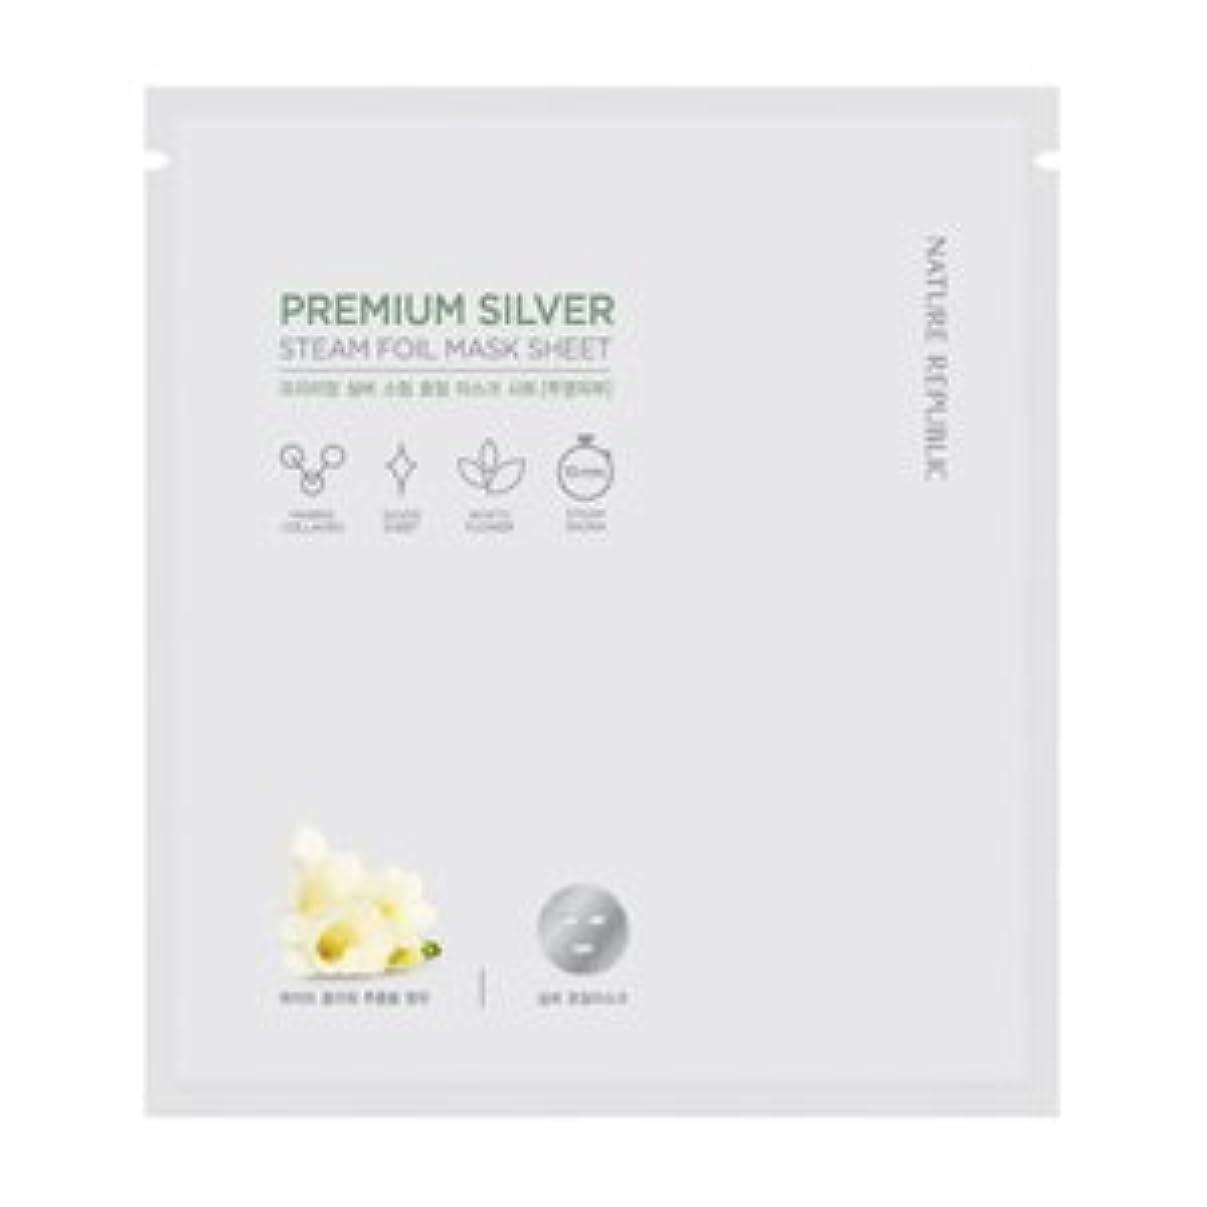 大胆不敵はっきりしない剥ぎ取るNature Republic Premium silver Steam Foil Mask Sheet [5ea] ネーチャーリパブリック プレミアムシルバースチームホイルマスクシート [5枚] [並行輸入品]